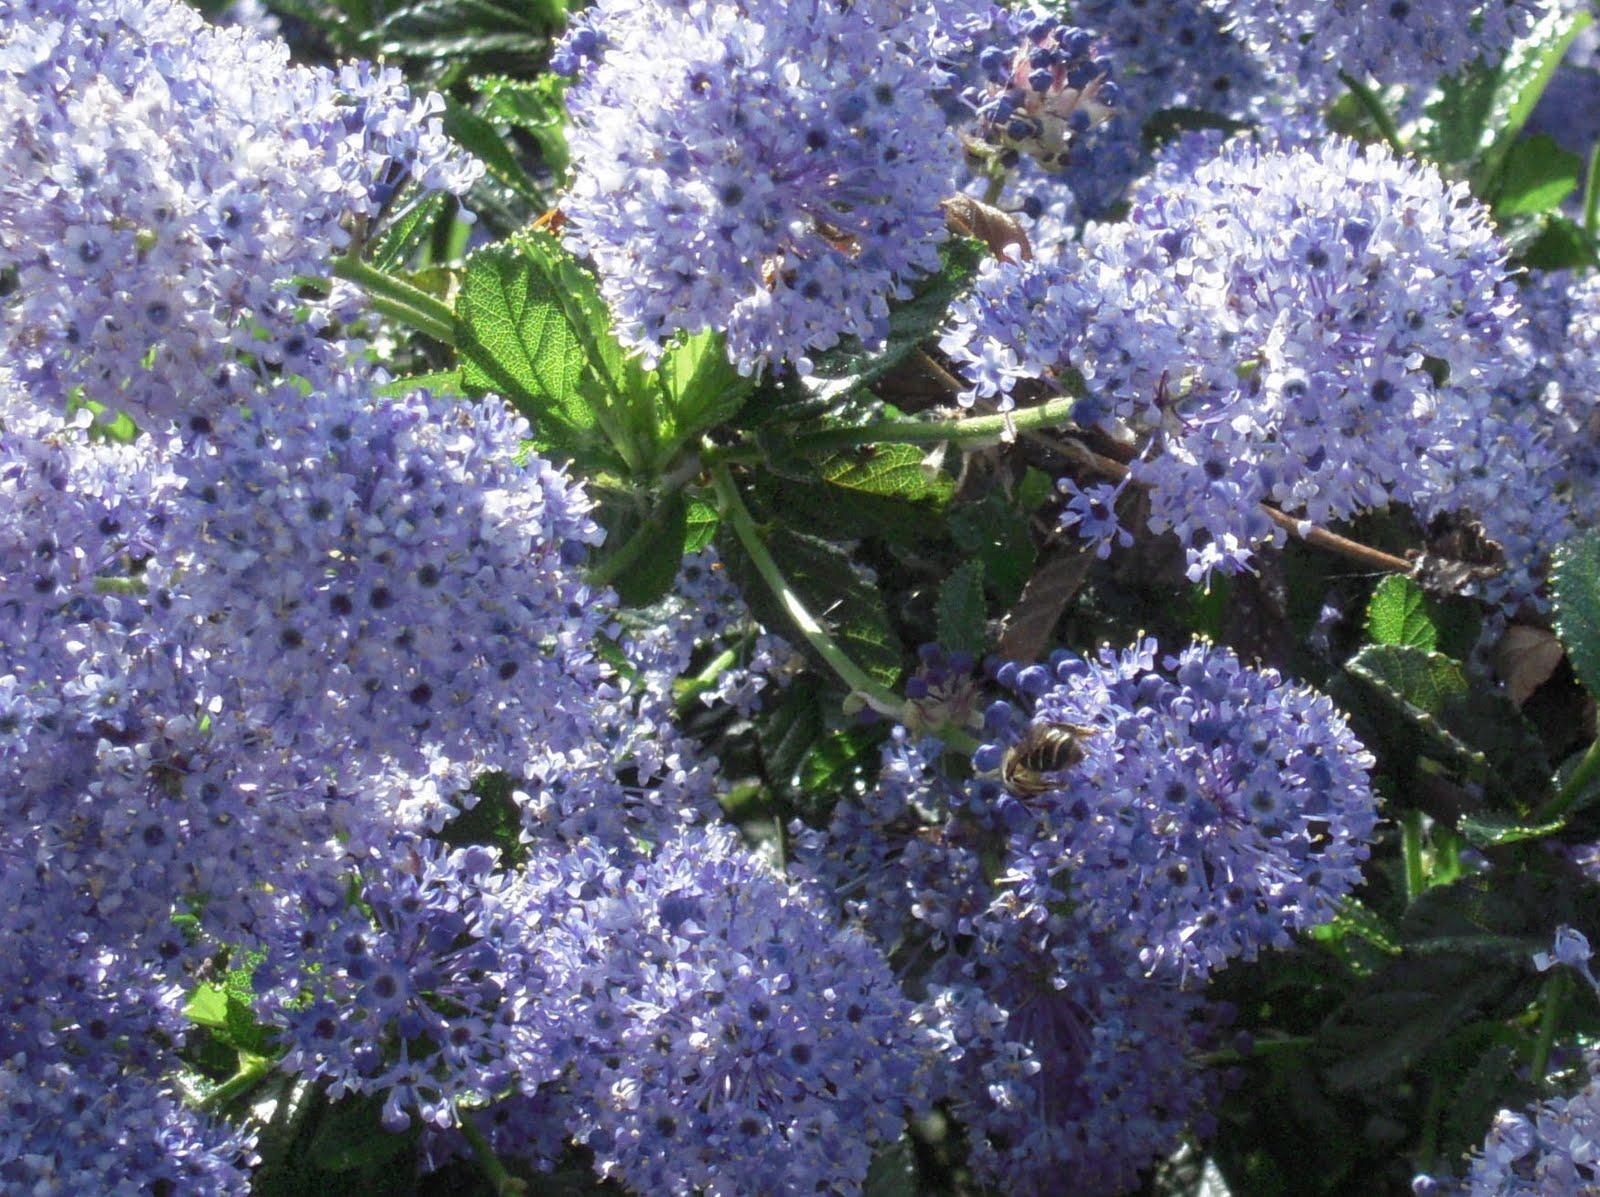 Hortus urbanus may blooms sunday may 16 2010 izmirmasajfo Images